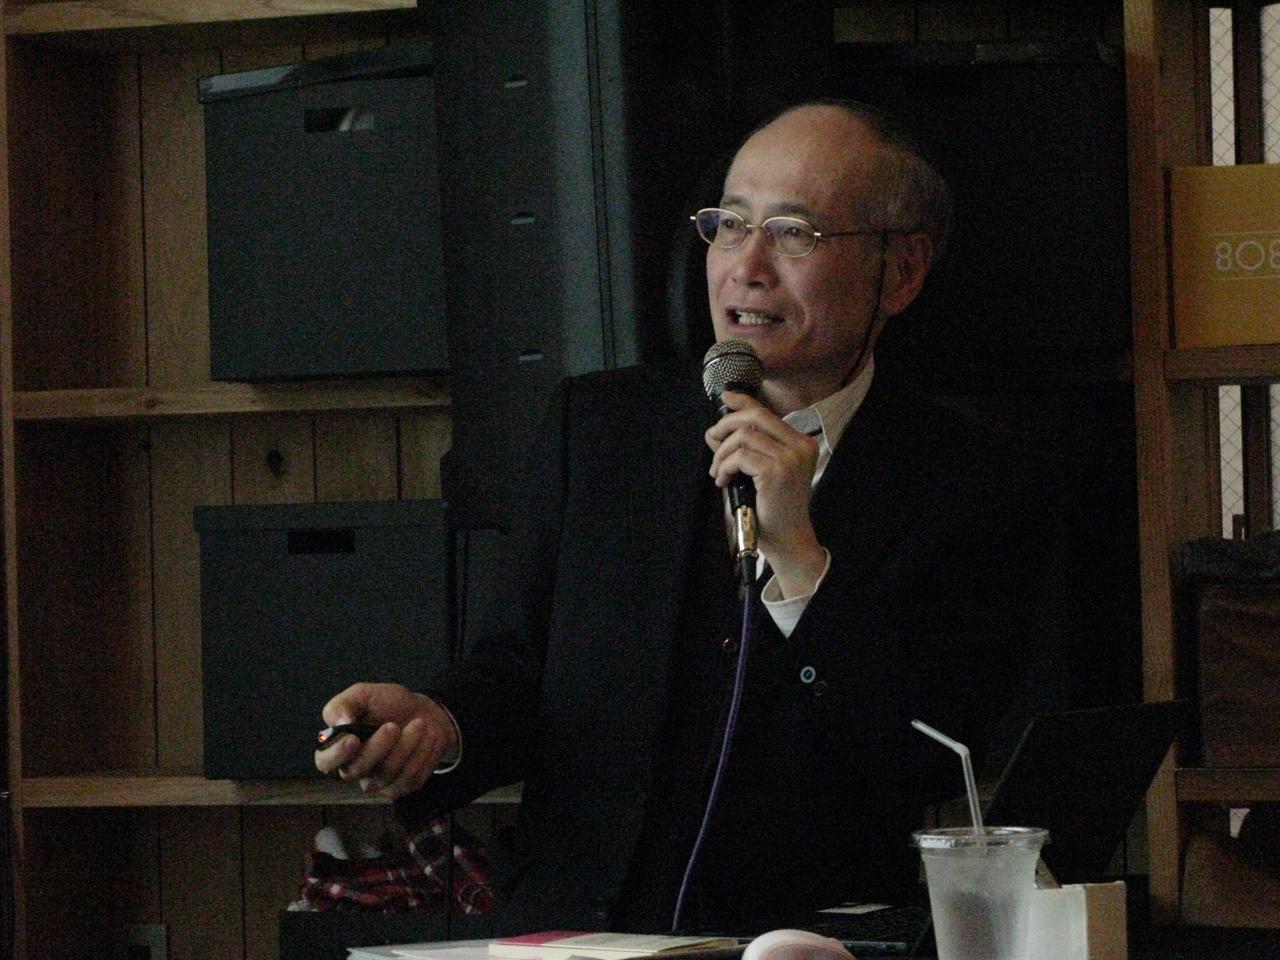 「魯迅―松本清張―莫言 ミステリー / メタミステリーの系譜」(藤井省三 氏)